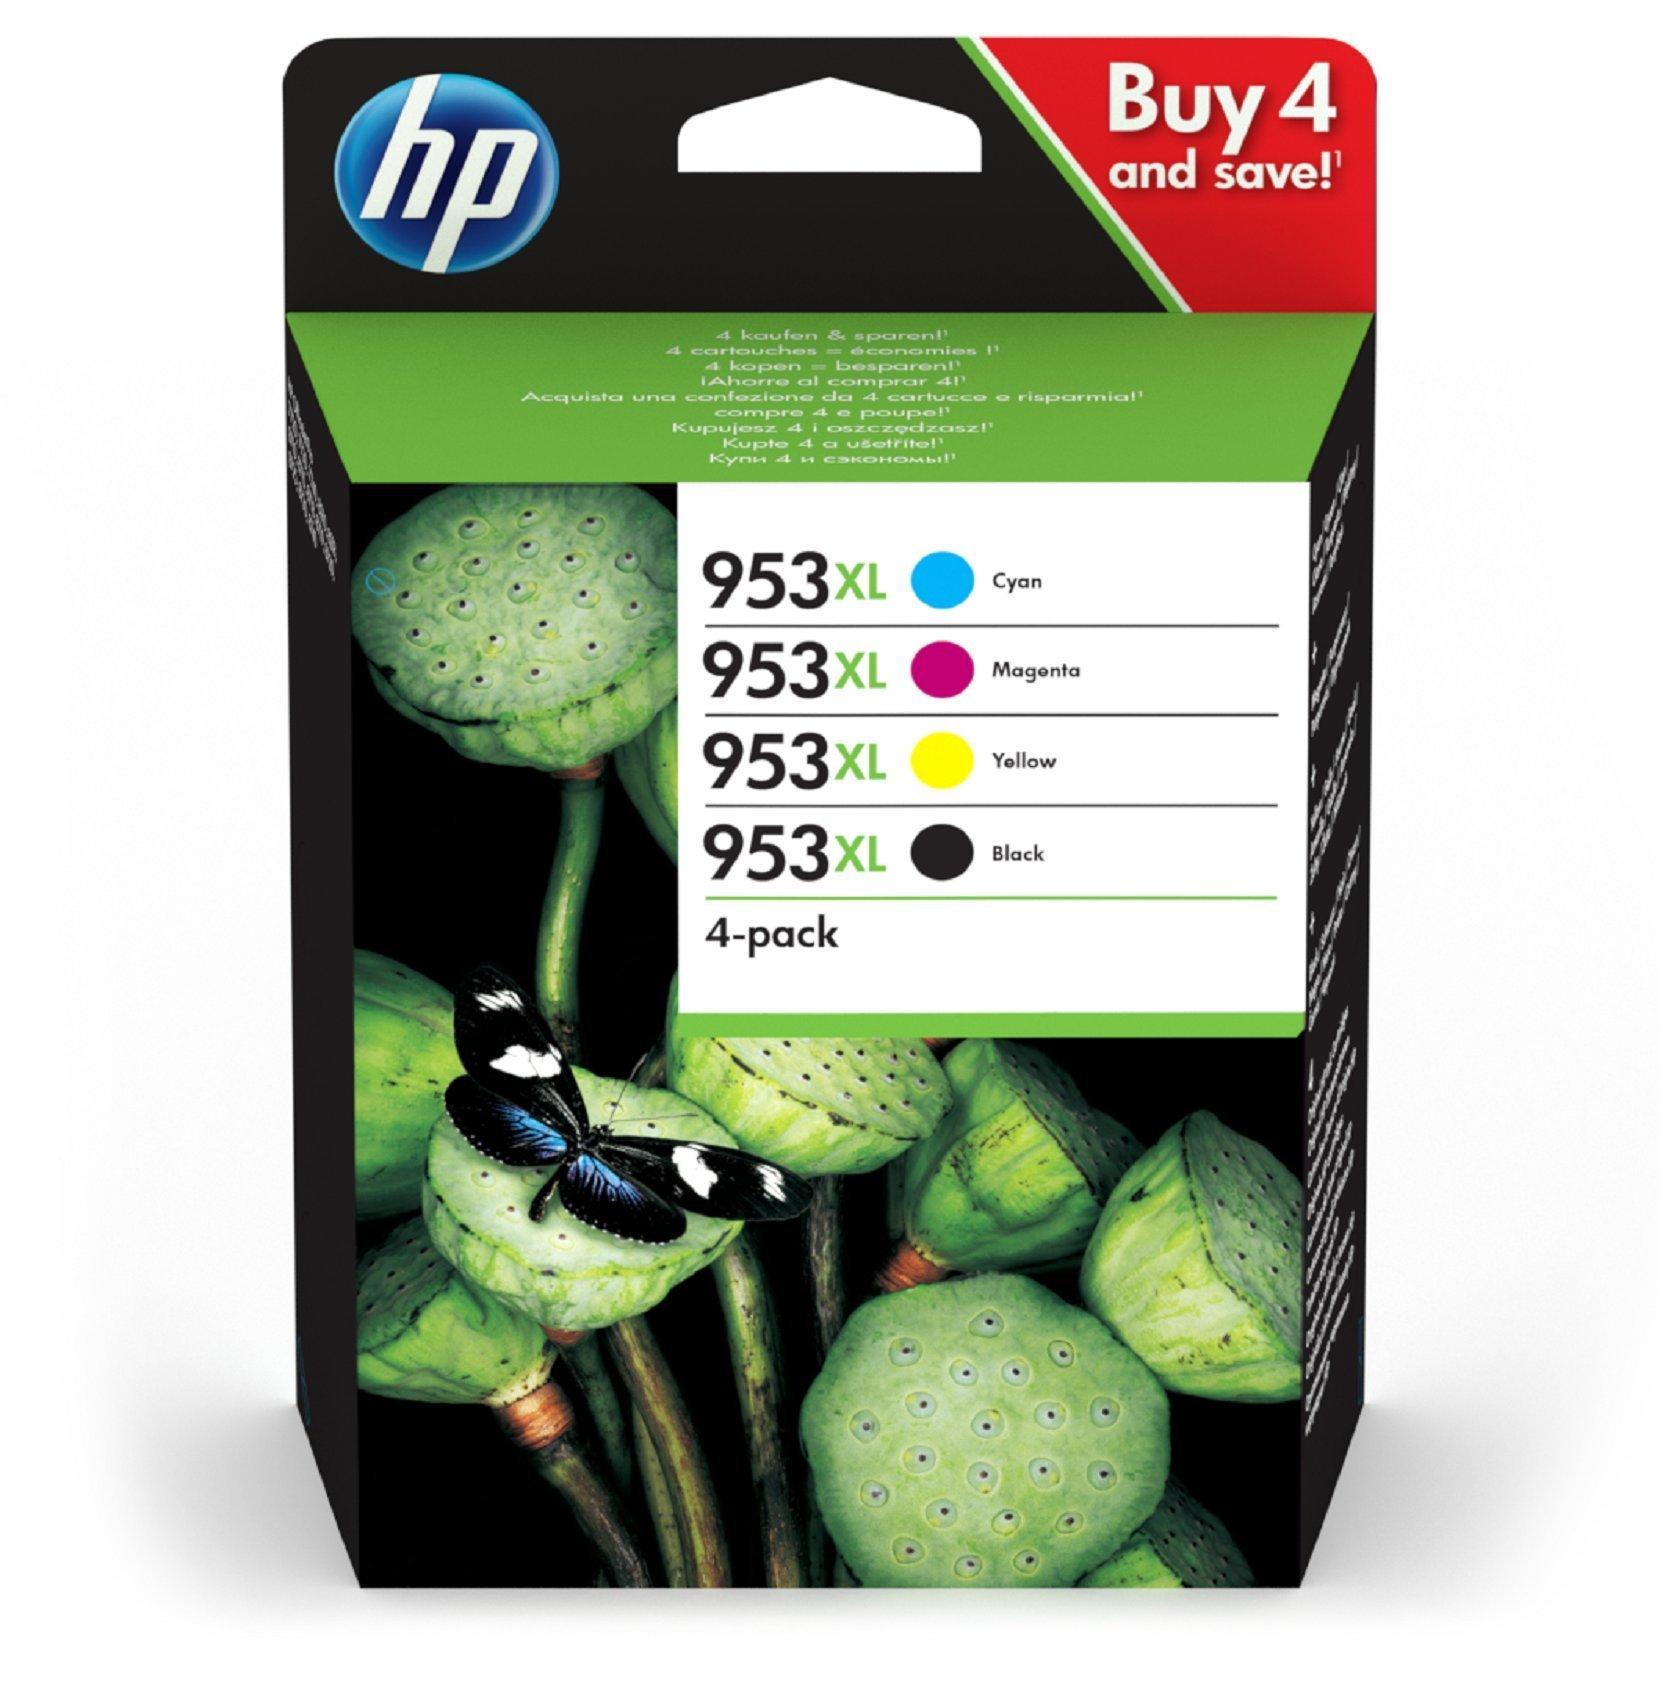 HP-Original-Druckerpatrone-fr-HP-Officejet-Pro